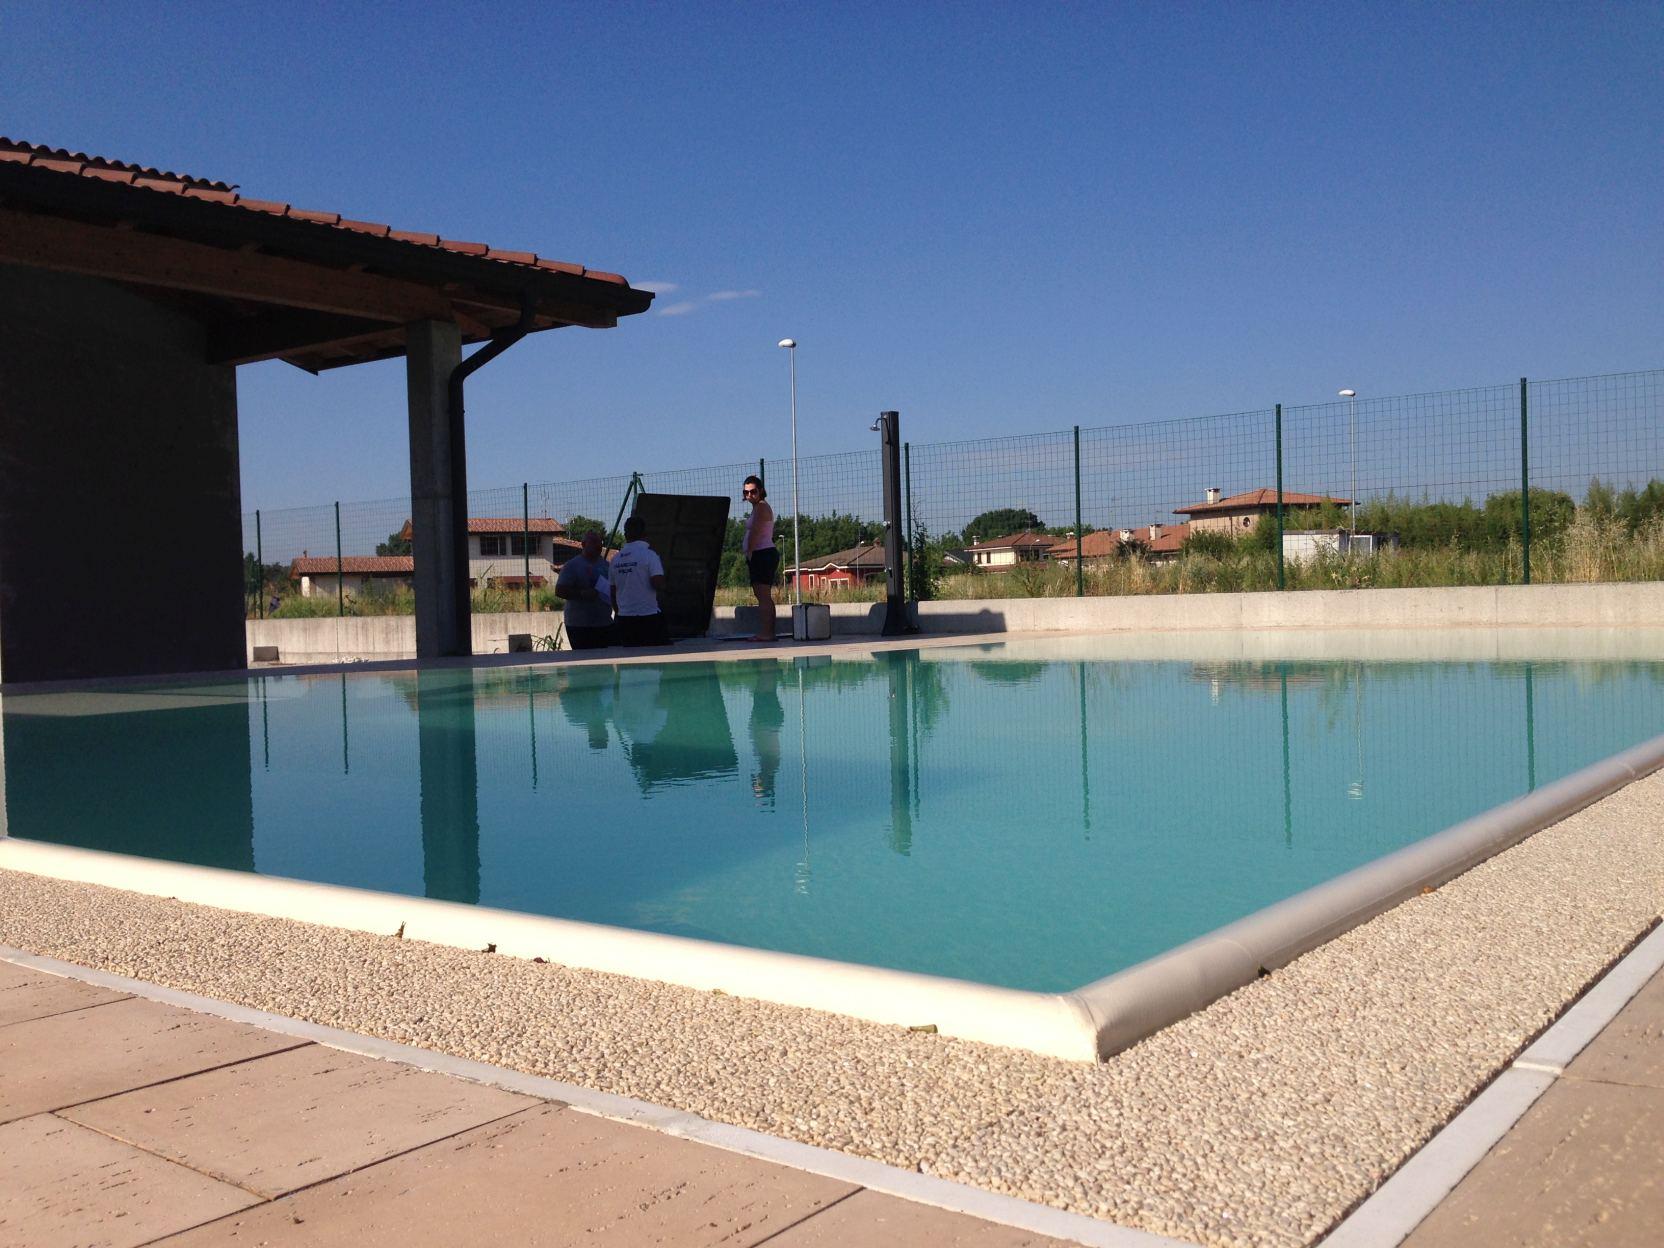 Bagnolo San Vito (3) - Casareggio Piscine: piscine, piscine mantova, costruttori di piscine